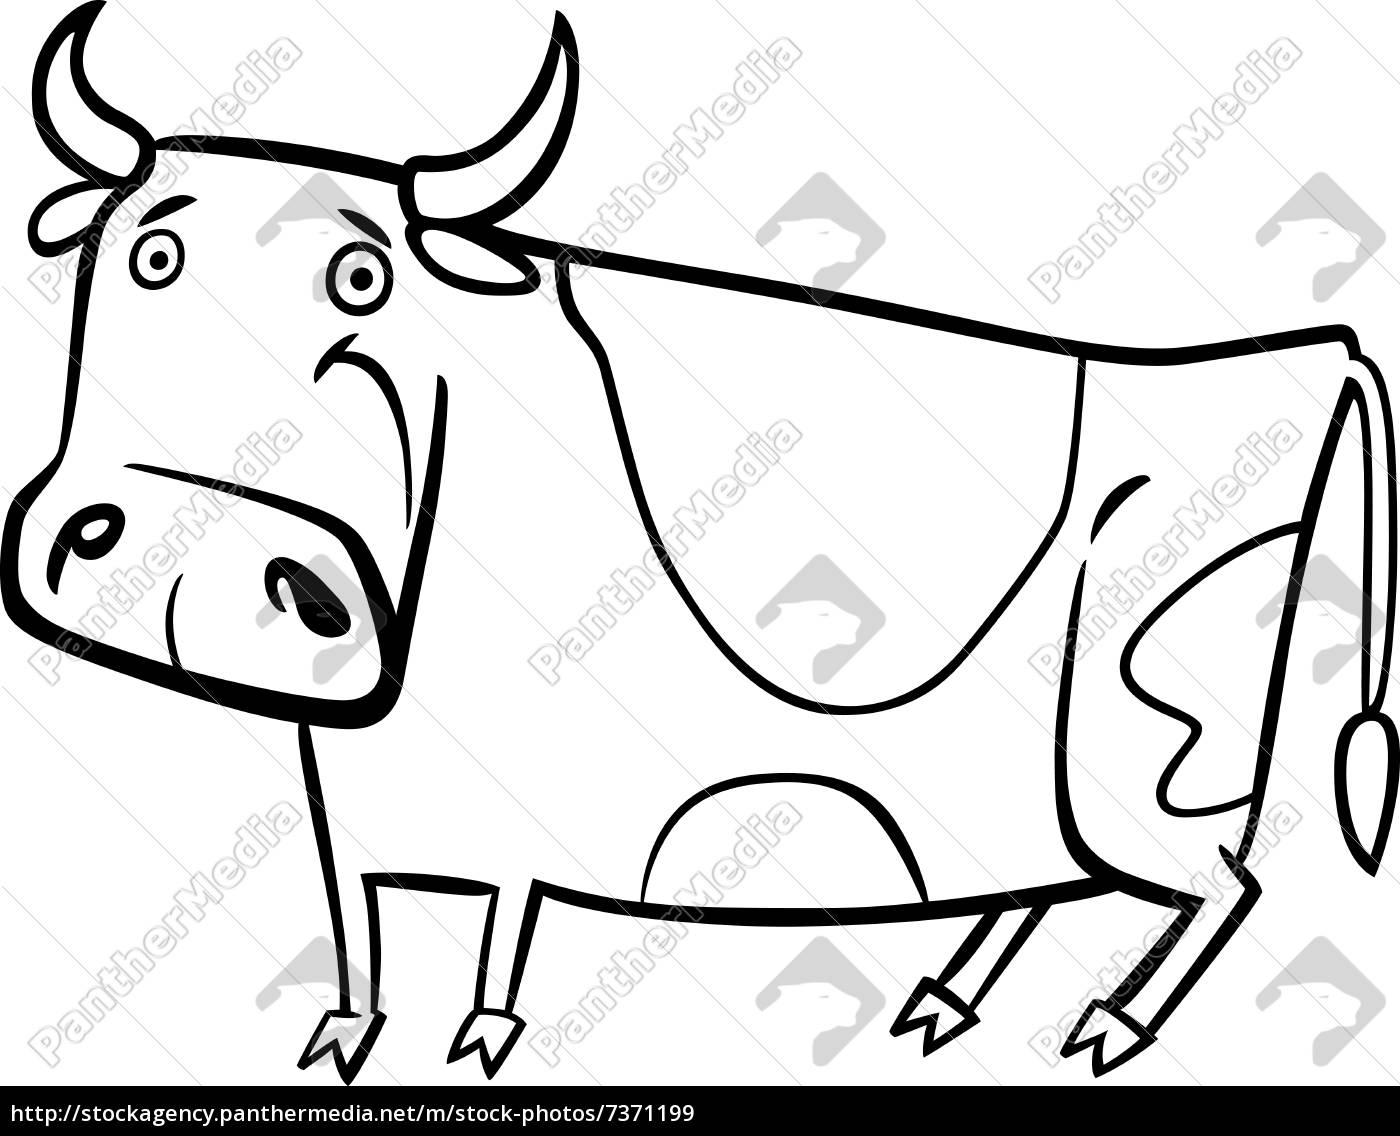 Royalty Free Imágen 7371199 Ilustración De Dibujos Animados De Vaca De Granja Para Colorear